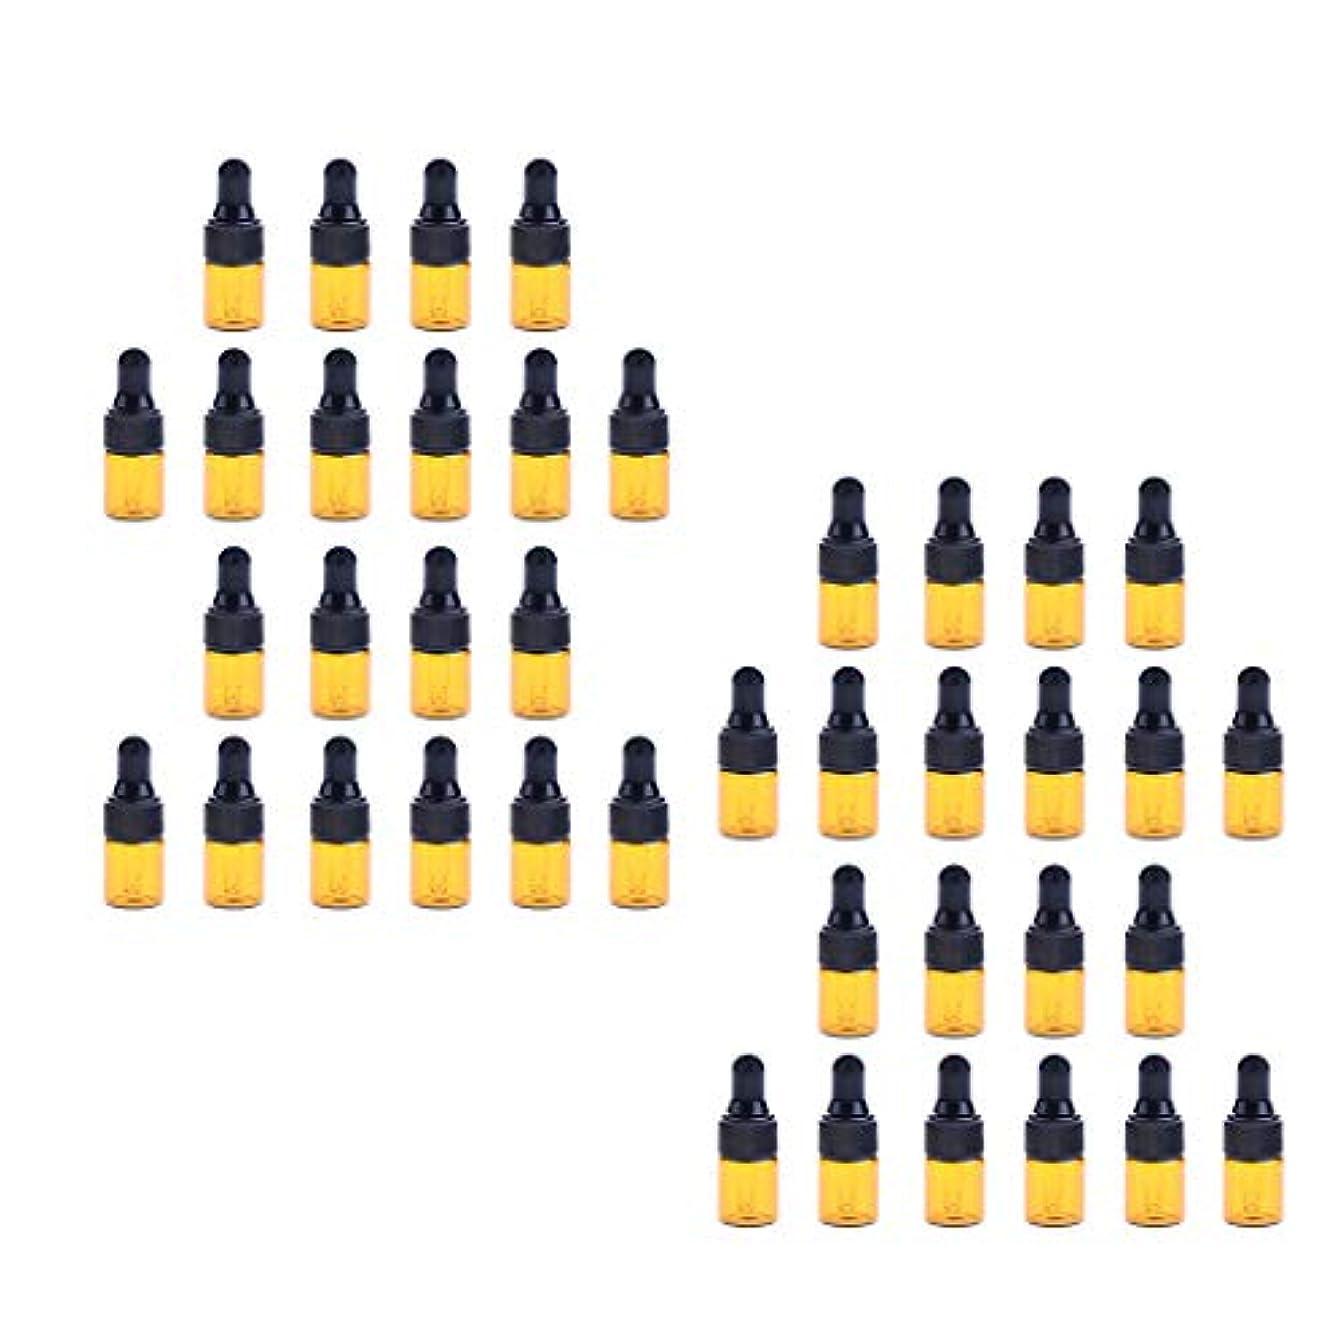 ヒューム成人期キャンパスBaoblaze 空ボトル ドロッパーボトル スポイトボトル 精油 エッセンシャルオイル 保存容器 1/2ml 約40個